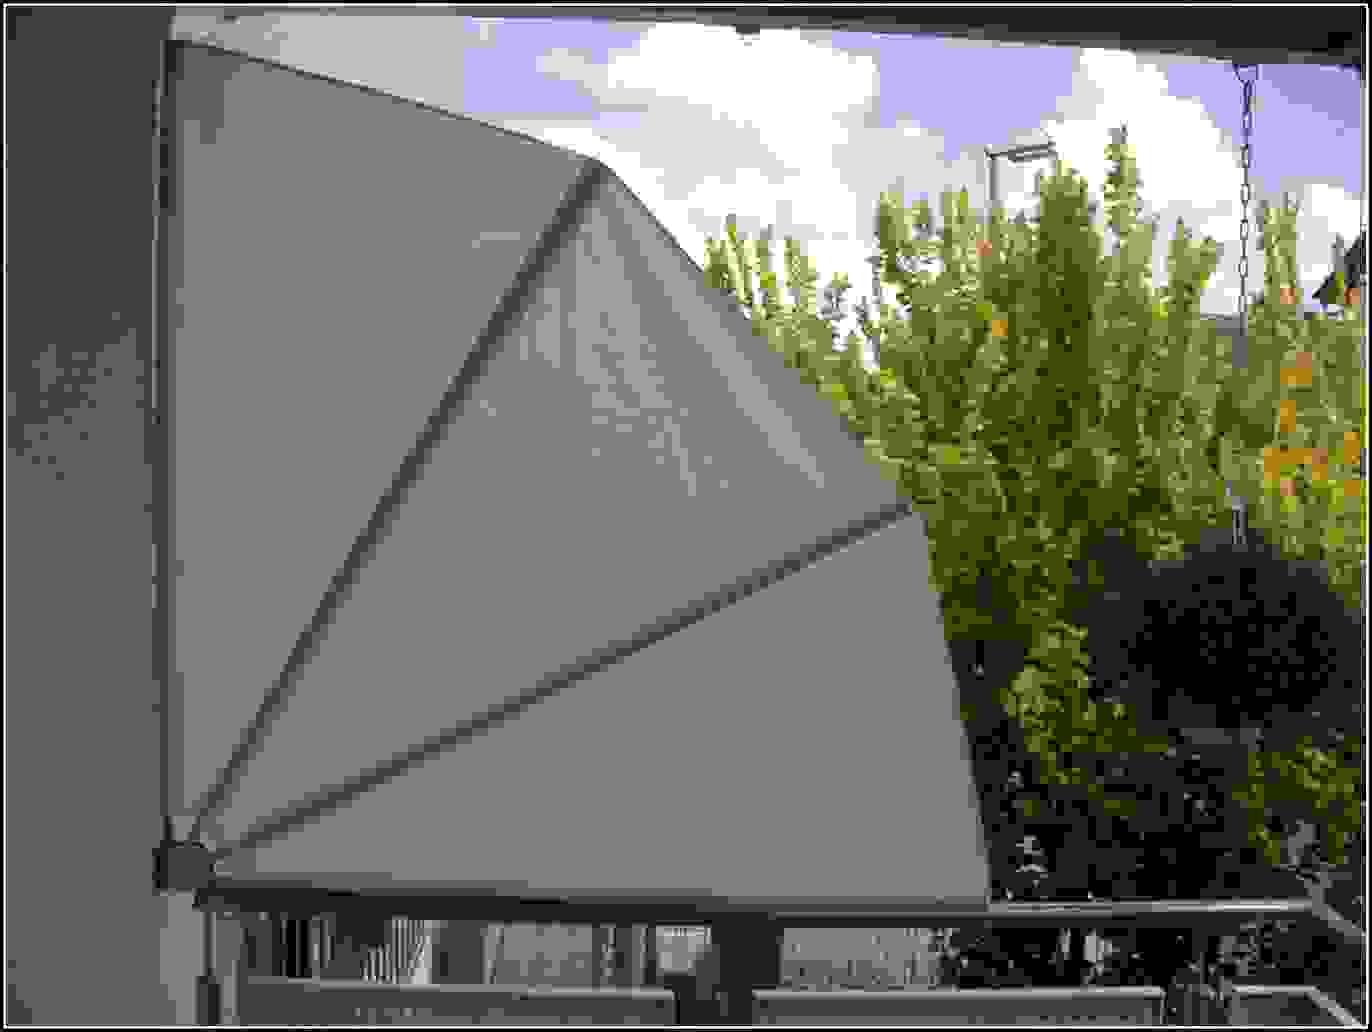 Frisch Von Sichtschutz Fächer Für Balkon Ohne Bohren Ideen  Moderne von Balkon Seitensichtschutz Ohne Bohren Photo